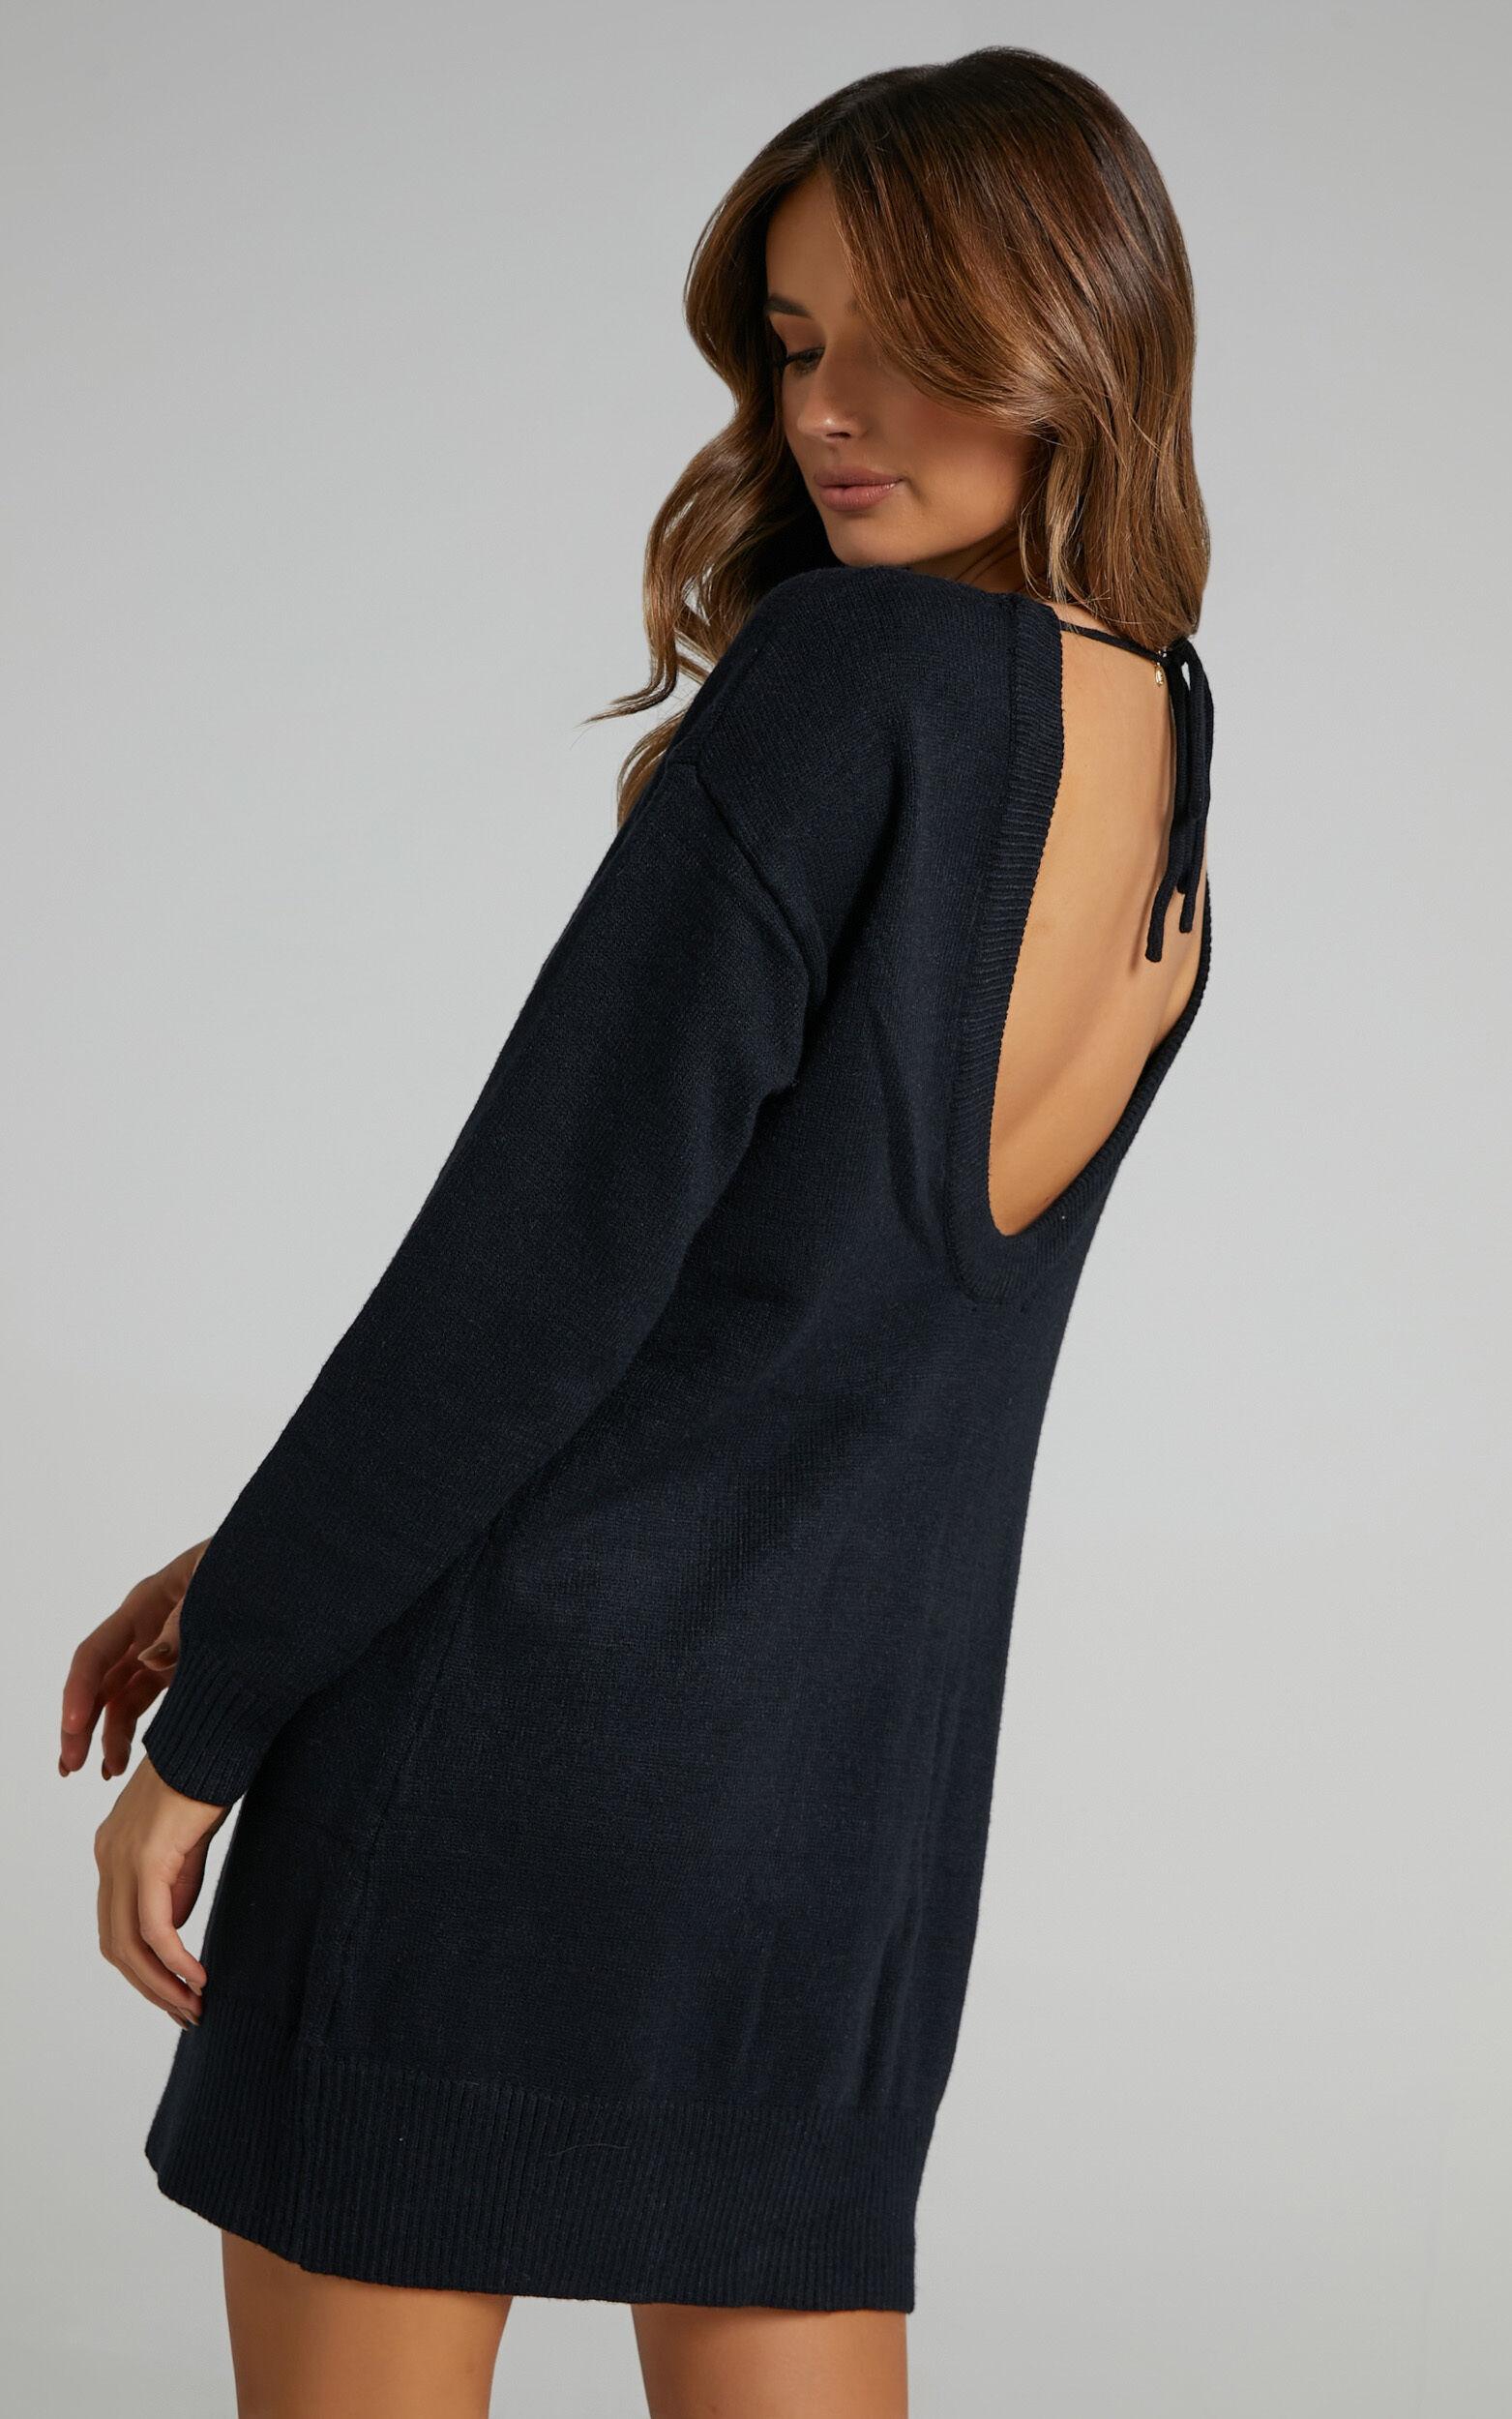 Shanisse Open Back Mini Knit Dress in Black - 04, BLK1, super-hi-res image number null